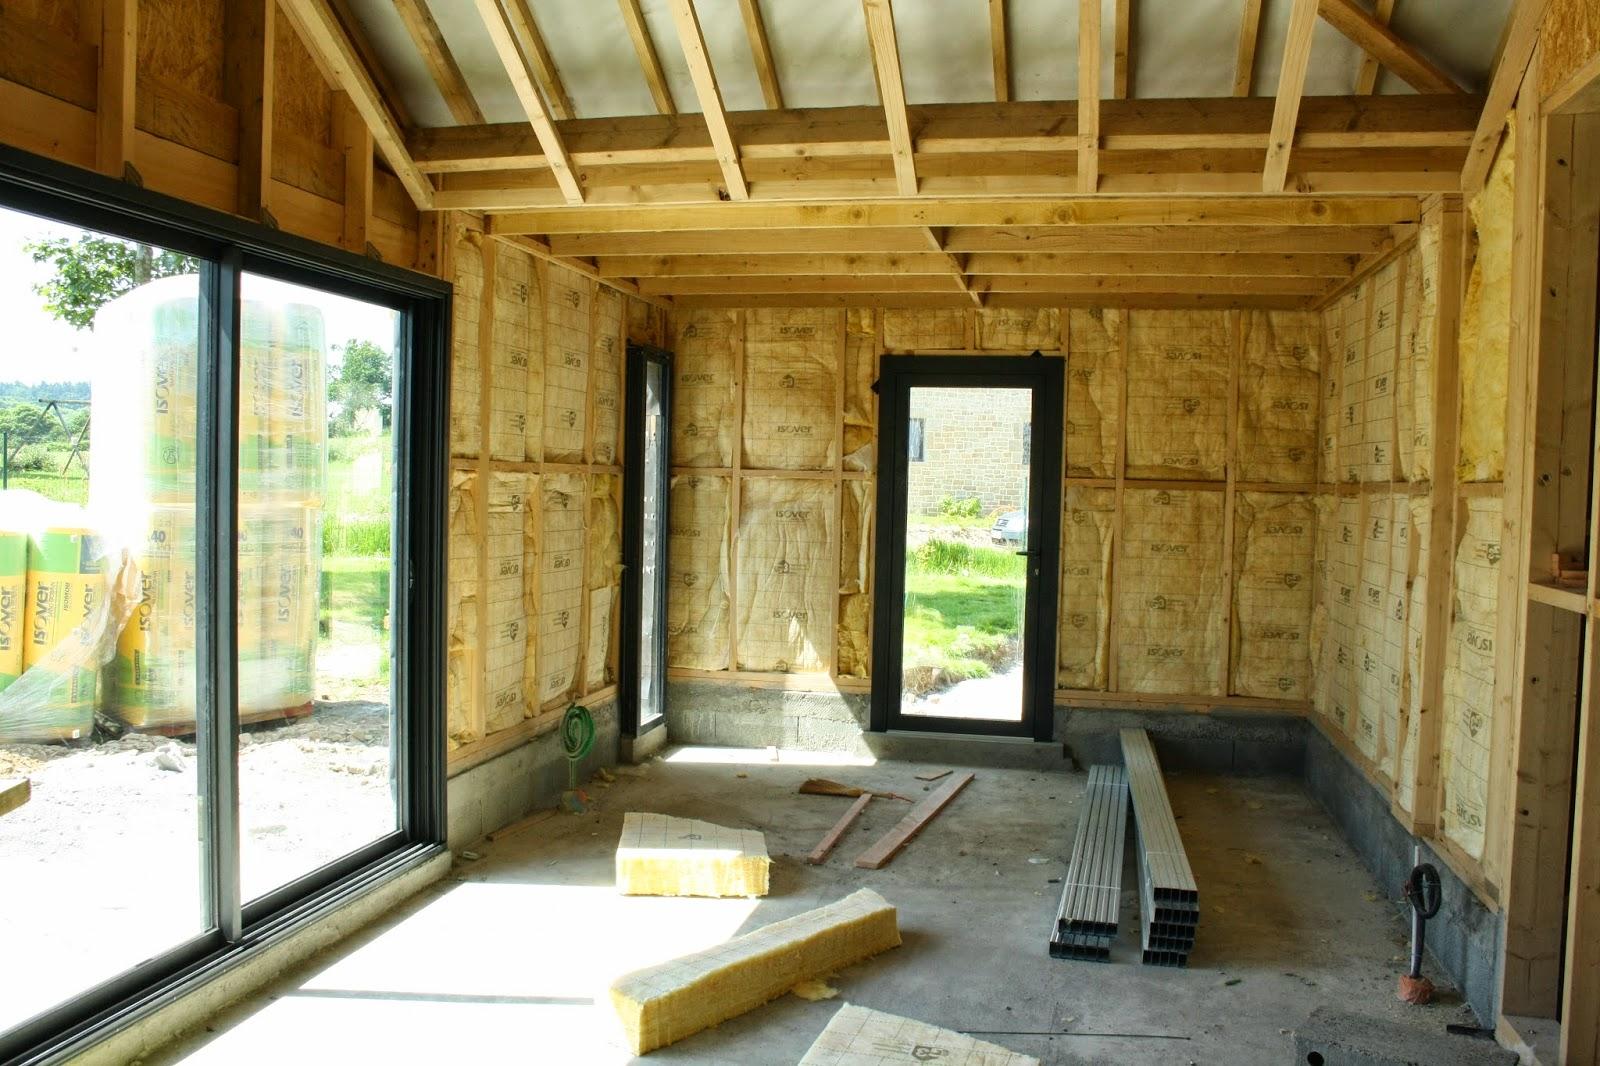 des ch nes une maison et des livres des petits trous encore des petits trous. Black Bedroom Furniture Sets. Home Design Ideas